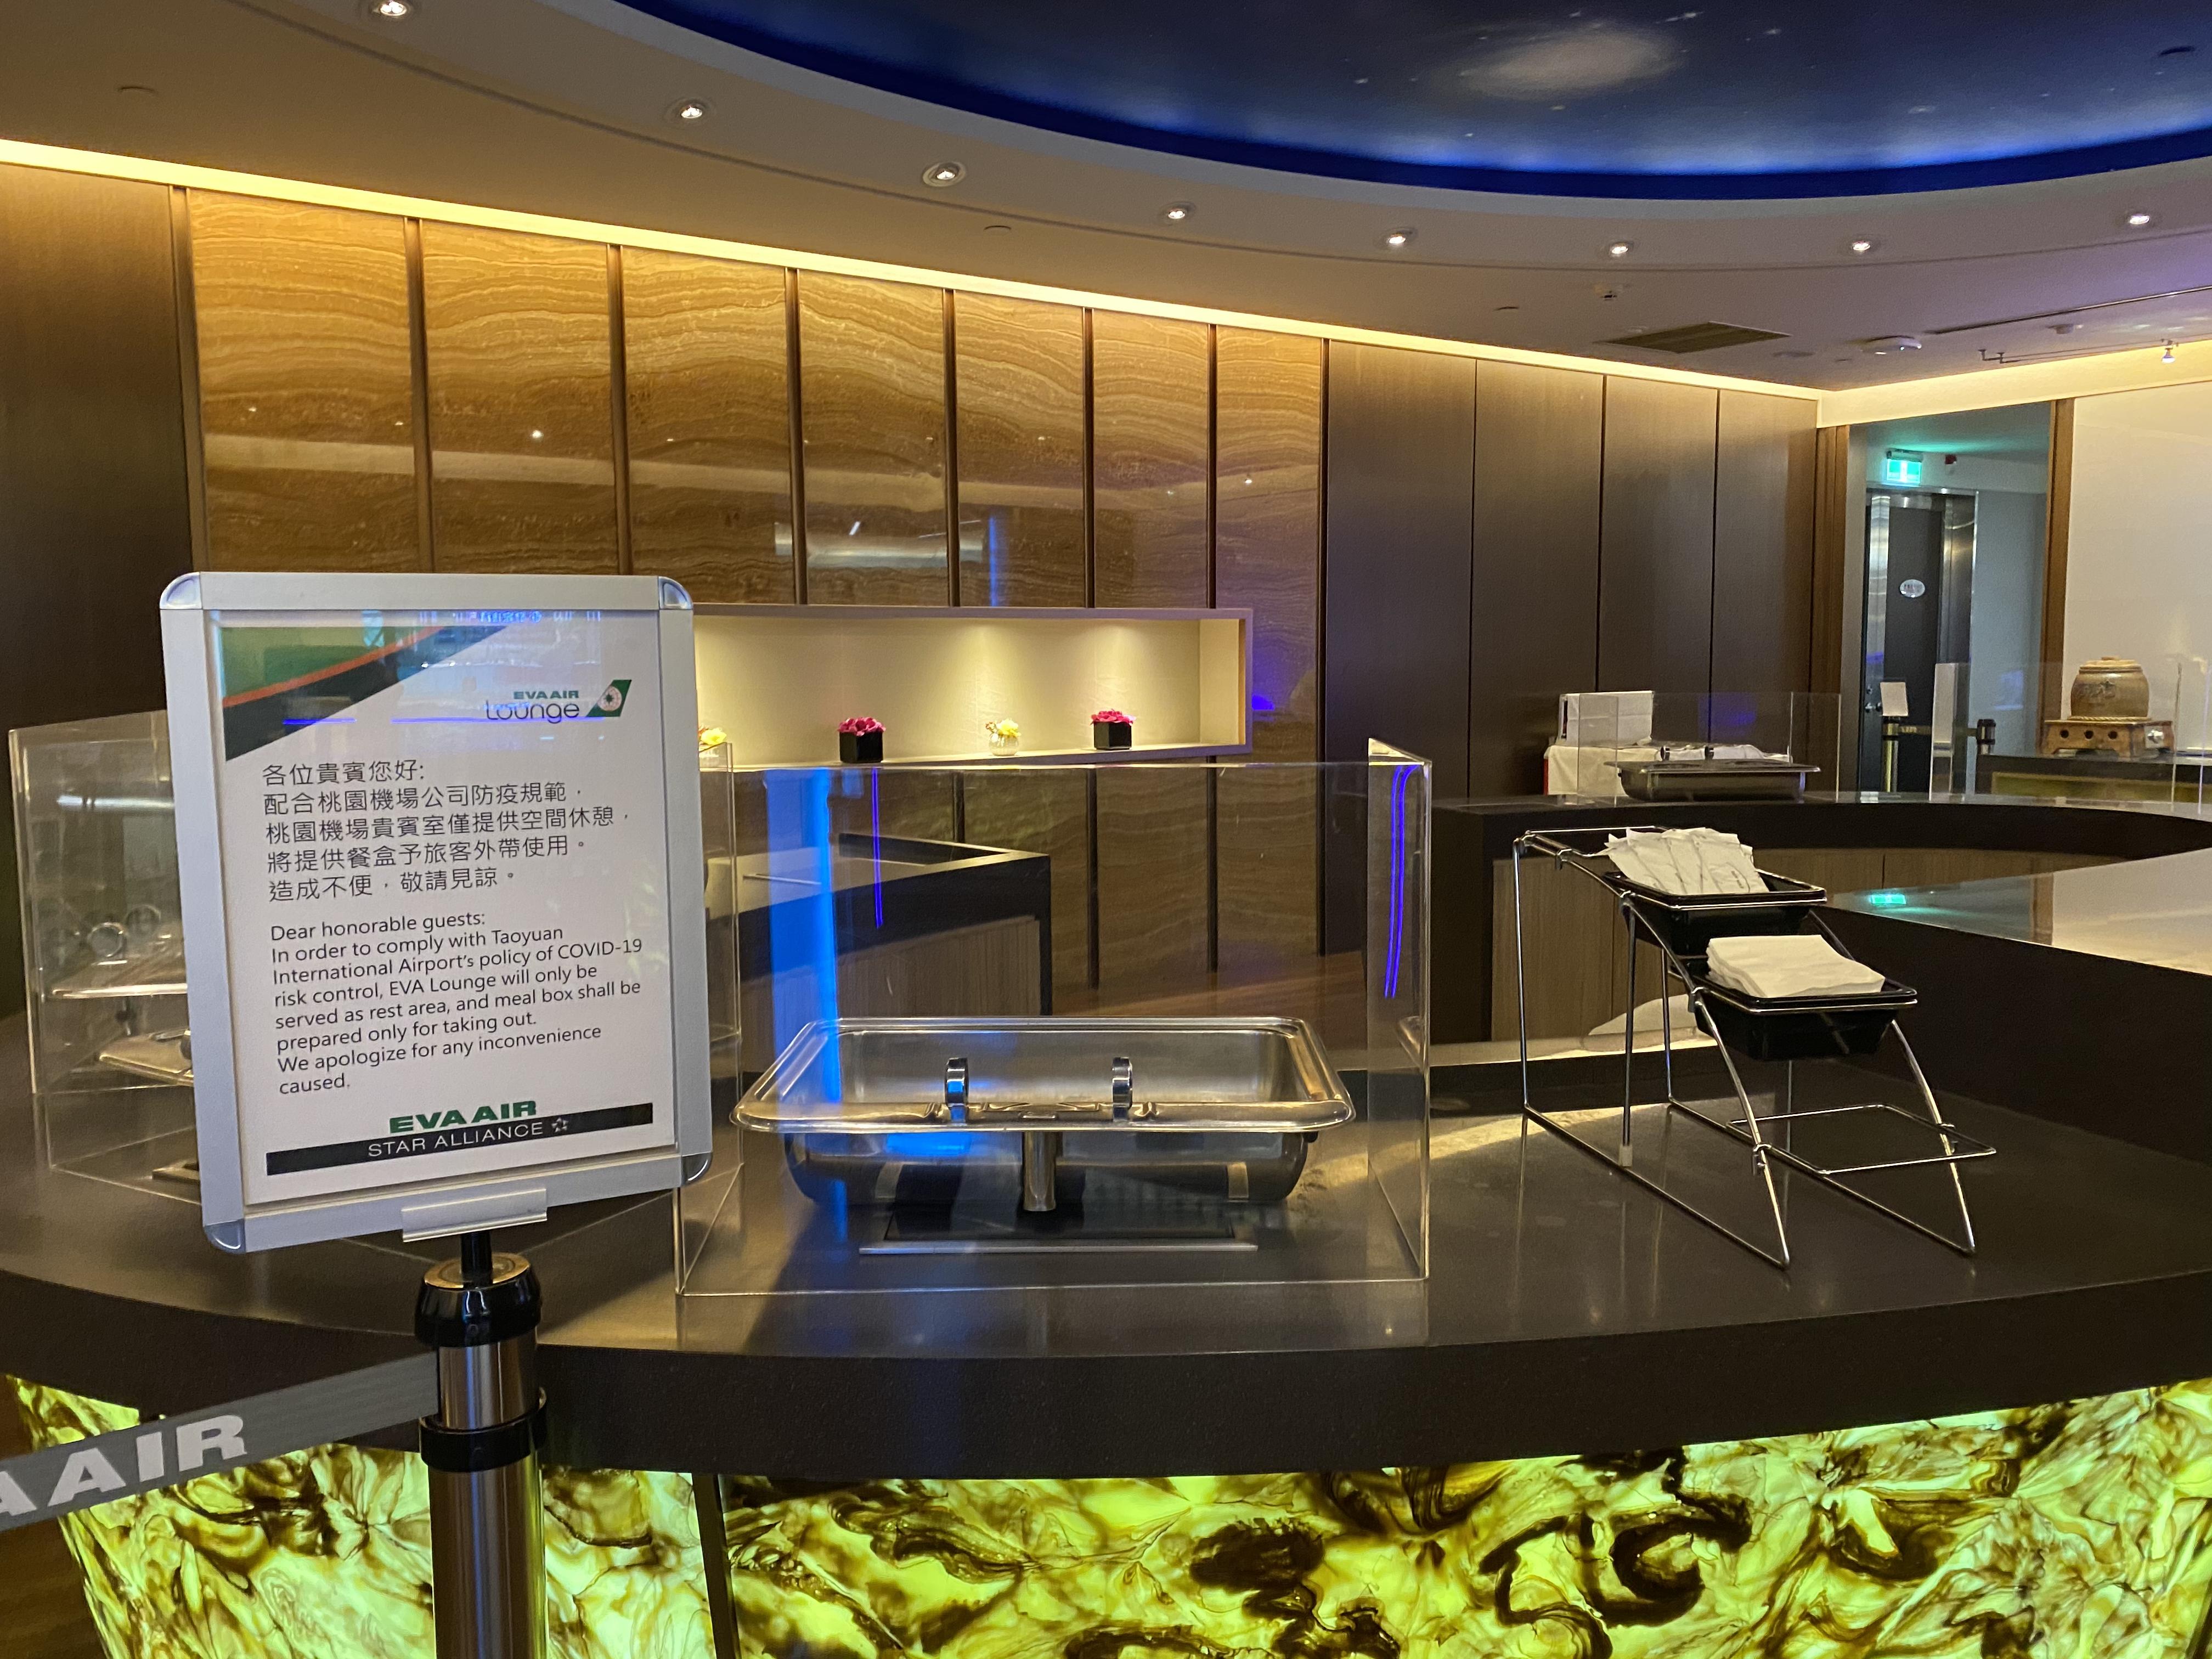 CA196经济舱回上海小记 疫情之下-台湾长荣休息室的用餐环境